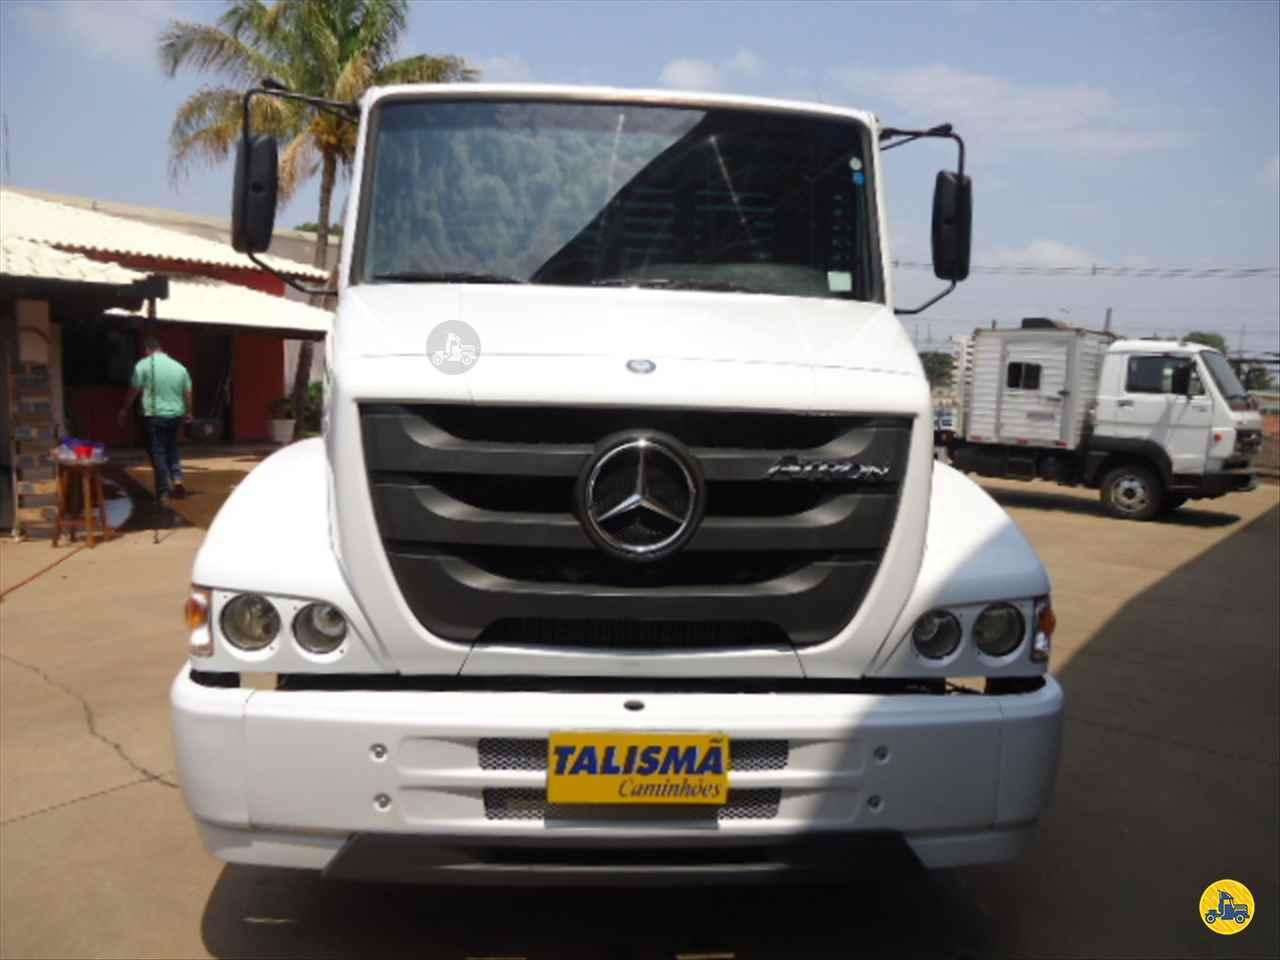 CAMINHAO MERCEDES-BENZ MB 2324 Carga Seca Truck 6x2 Talismã Veículos VARGEM GRANDE DO SUL SÃO PAULO SP